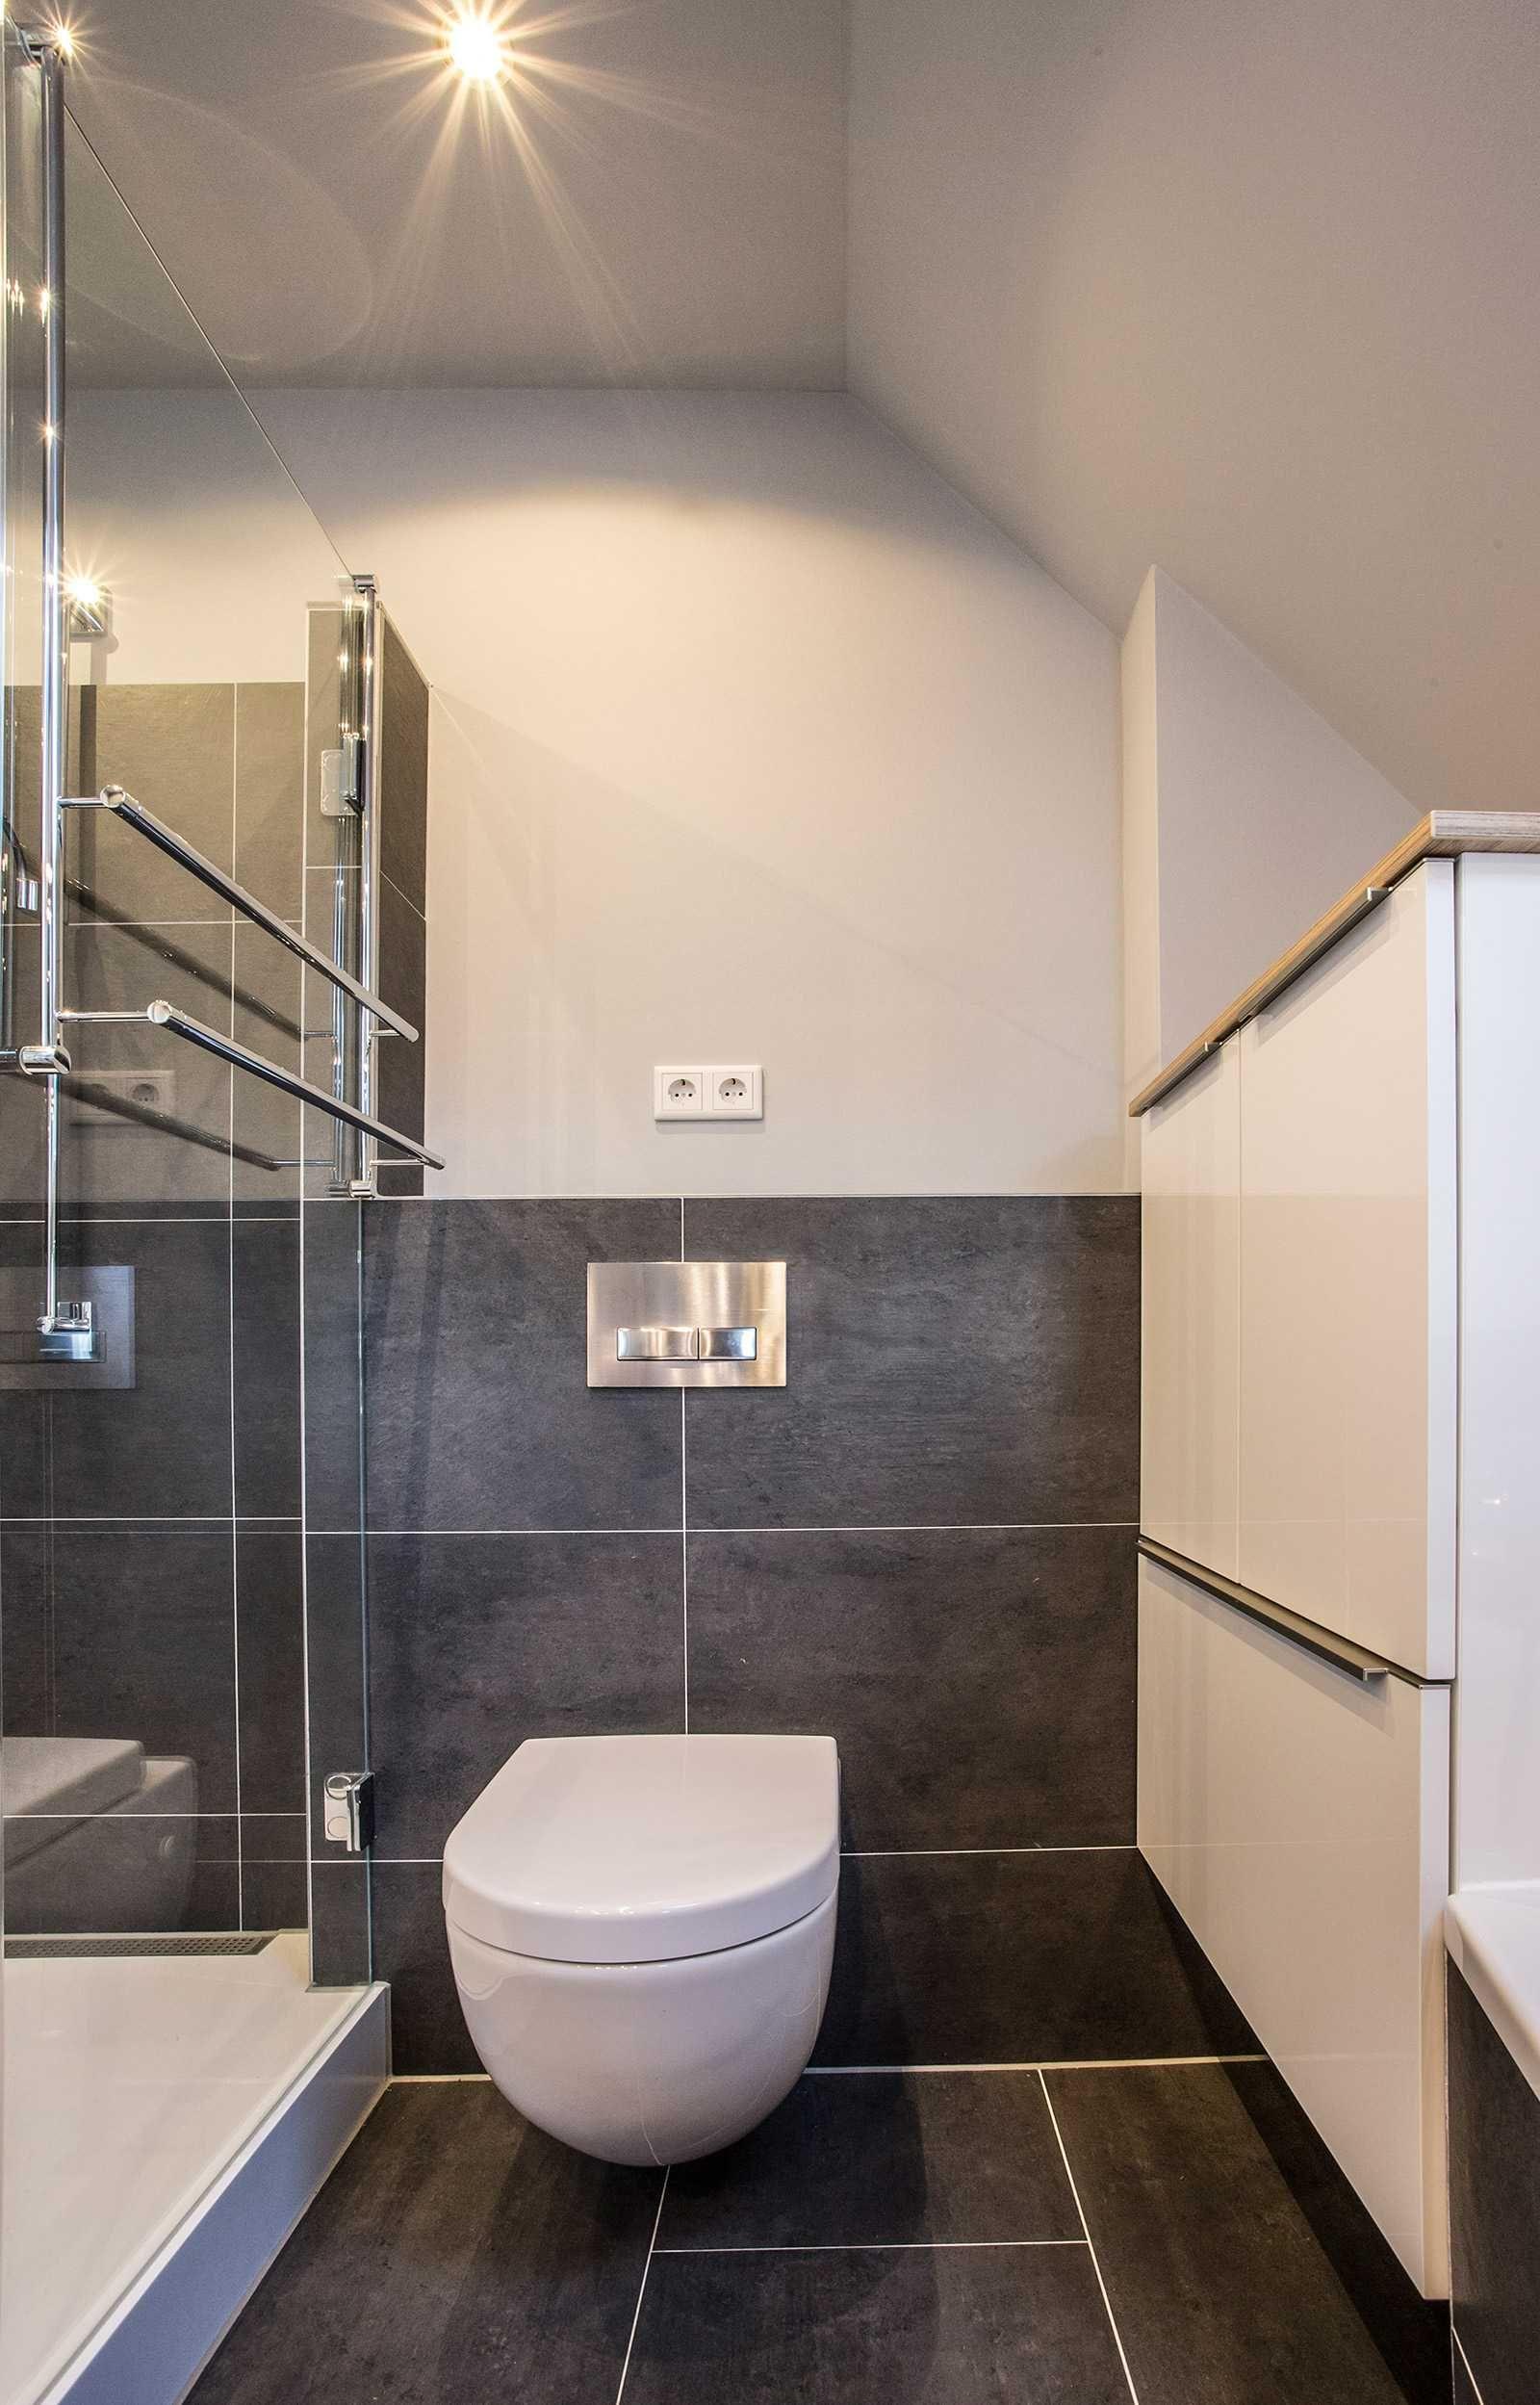 Unsere Badezimmer Ideen Und Referenzen Badezimmer Dusche Fliesen Badgestaltung